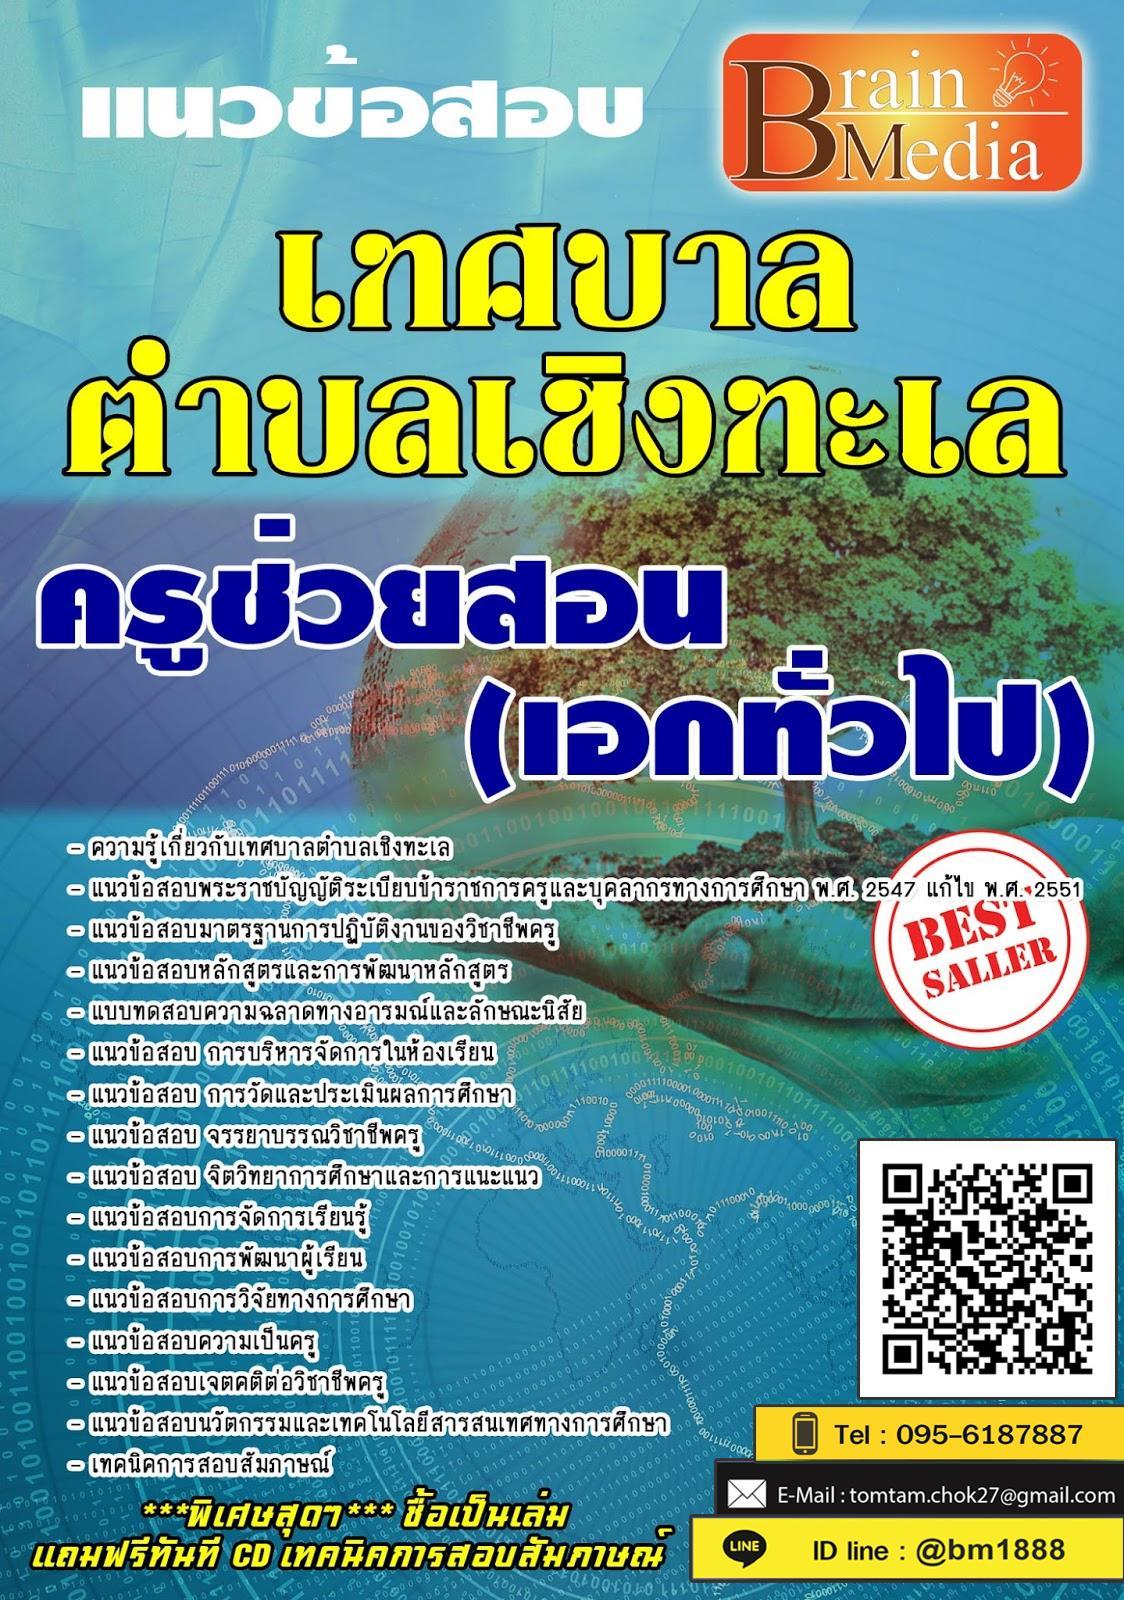 แนวข้อสอบ ครูช่วยสอน (เอกทั่วไป) เทศบาลตำบลเชิงทะเล พร้อมเฉลย